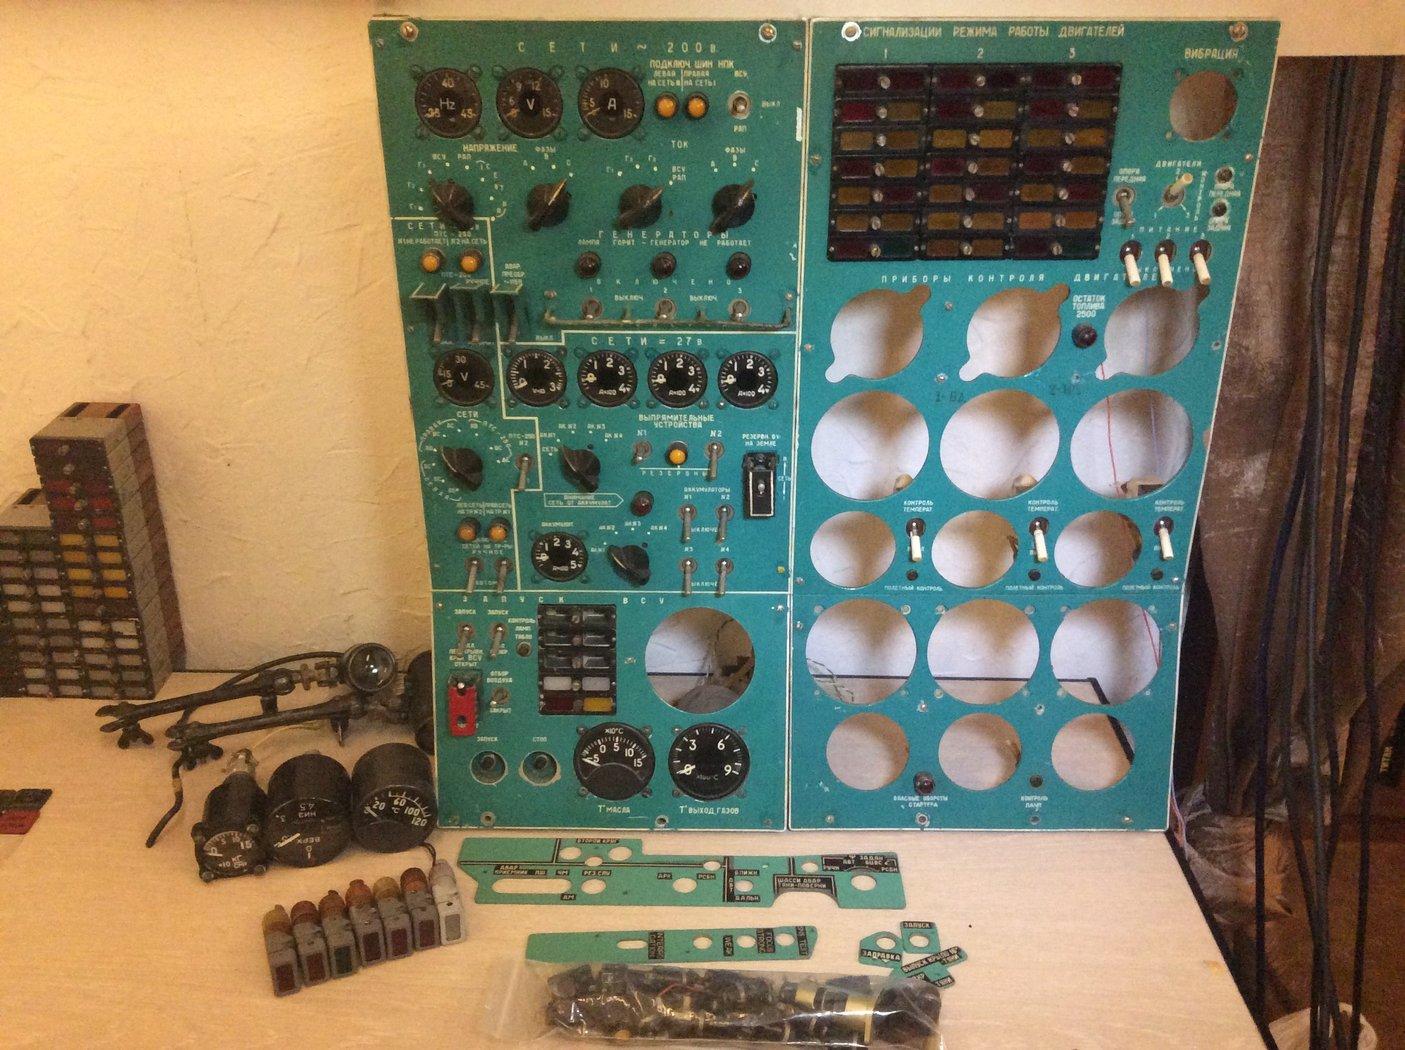 B9984CF1-514E-455A-B612-D65056226988.jpeg